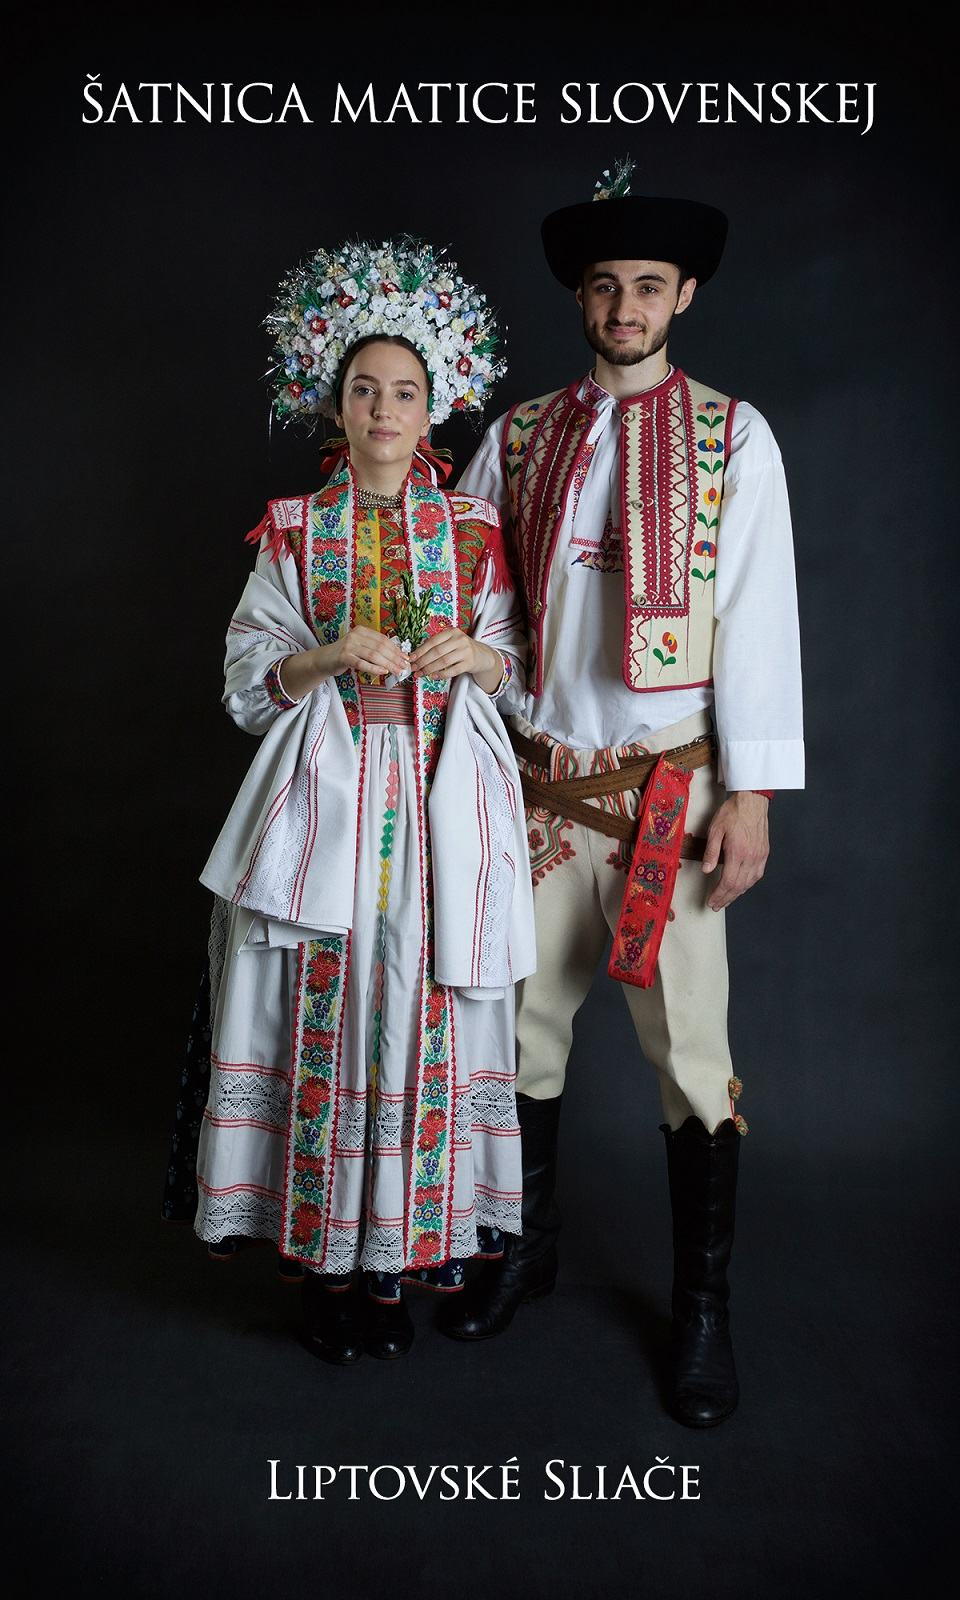 Obrázek Liptovske-Sliace